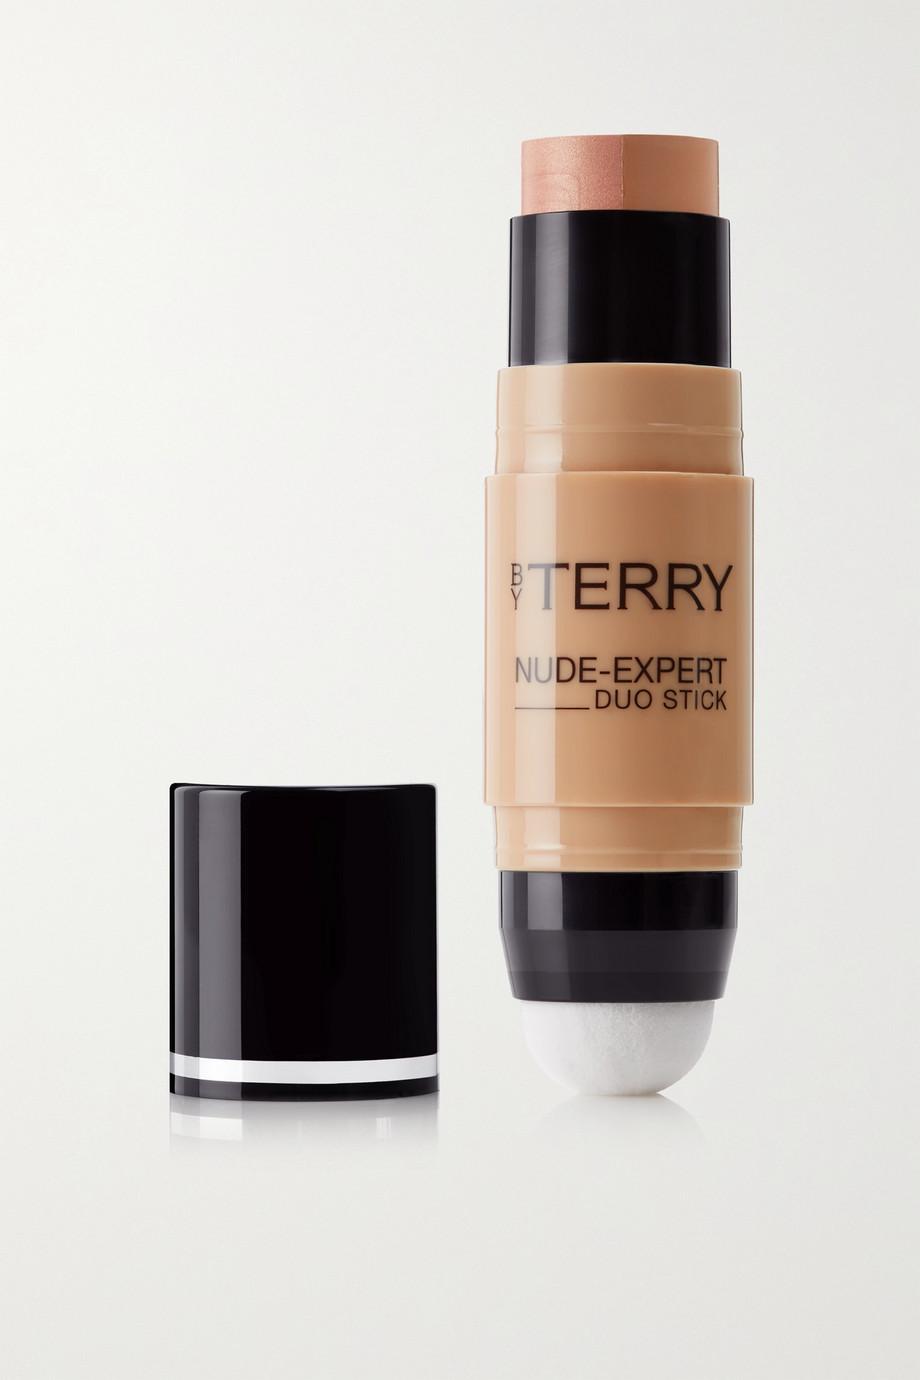 BY TERRY Fond de teint stick deux-en-un Nude Expert, Golden Sand 10